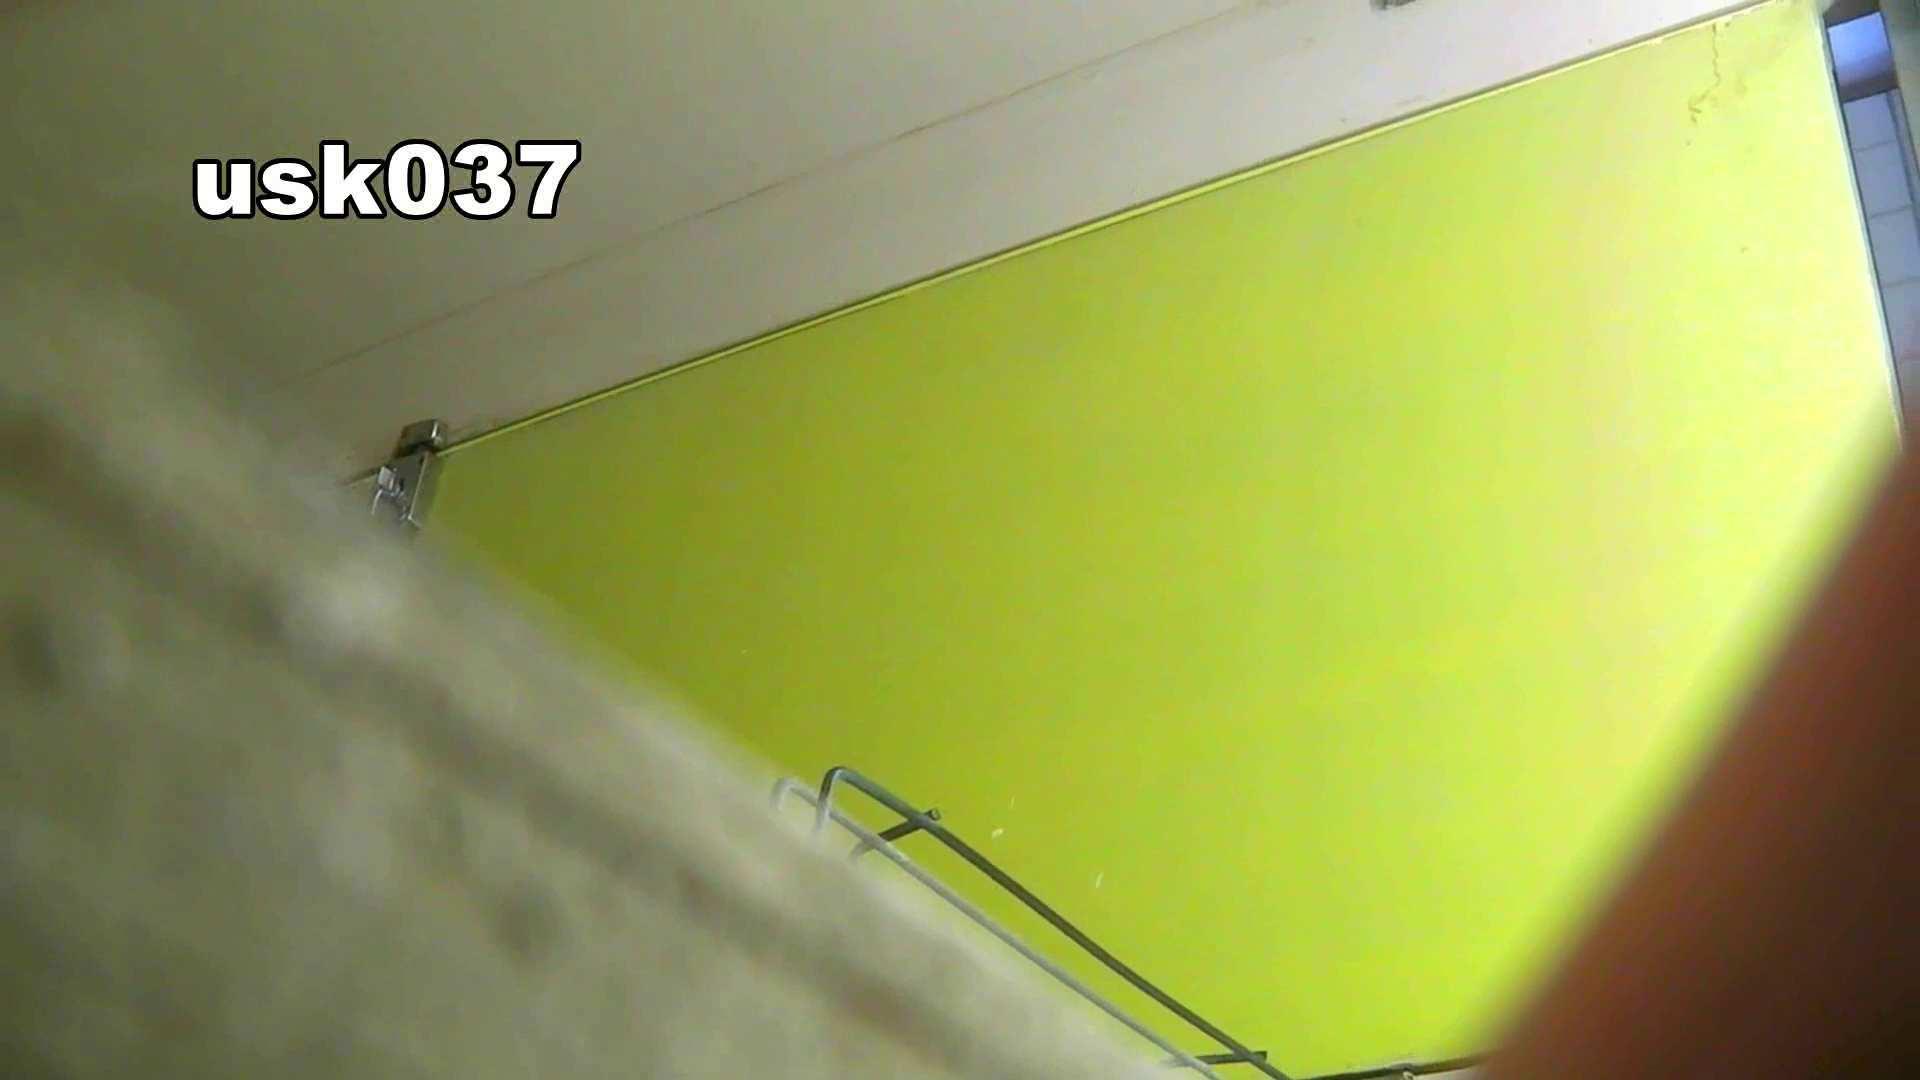 【美しき個室な世界】 vol.037 ひねり出す様子(フトイです) 洗面所  73PIX 67